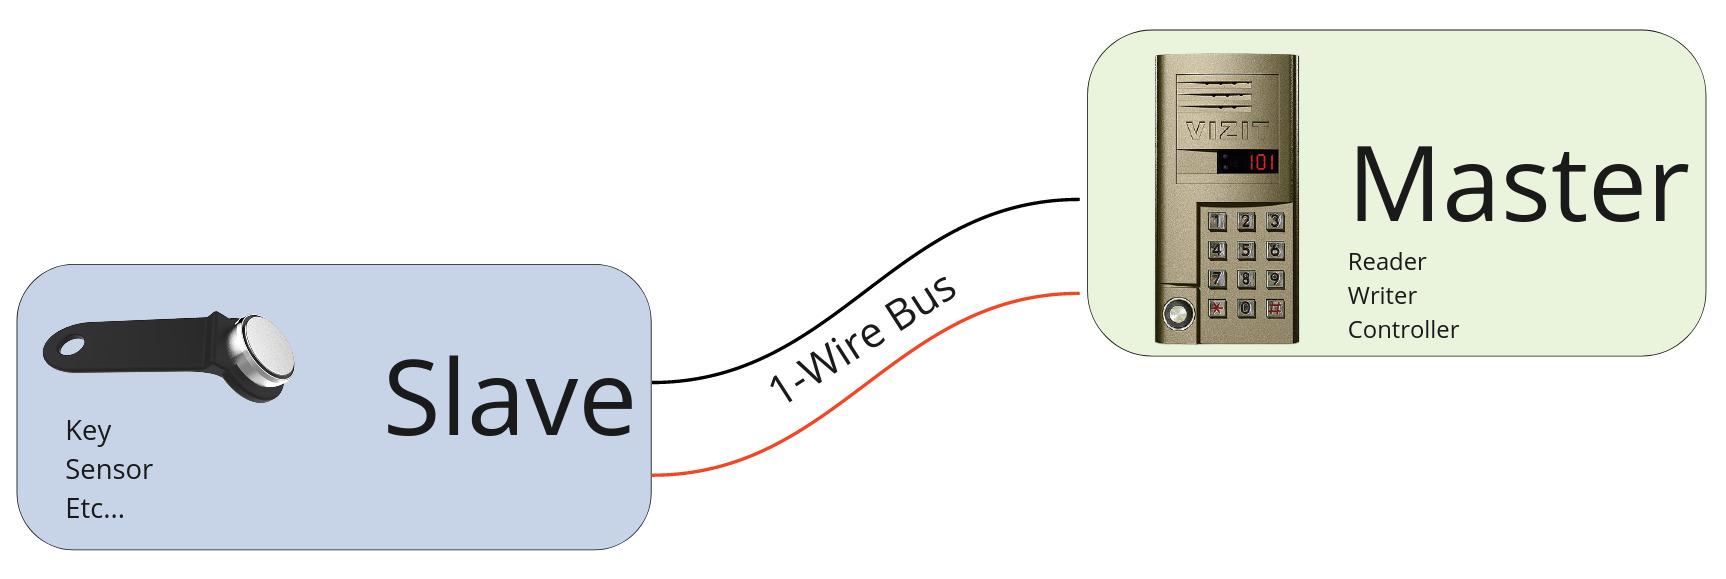 Дубликатор RFID 125 кГц: делаем дубликаты пропусков, домофонных ключей и т. д. / Инструменты / iXBT Live